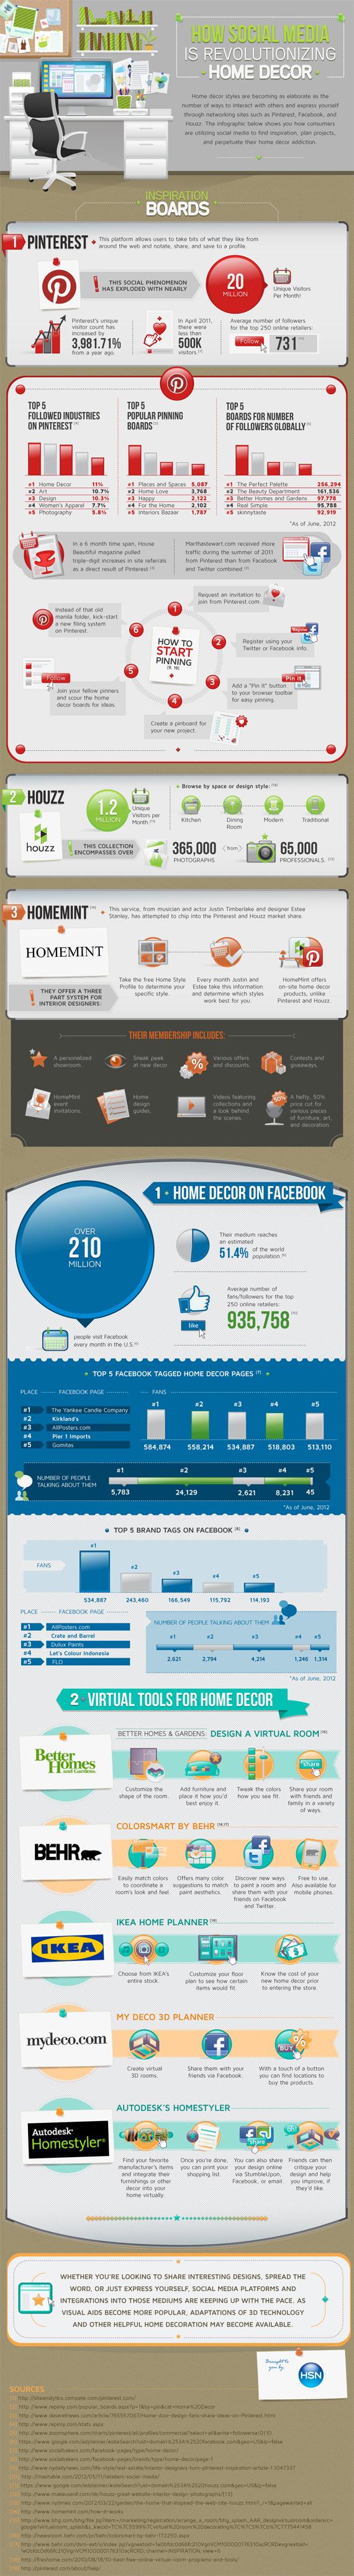 Pinterest: la red que ha revolucionado la industria de la decoración del hogar